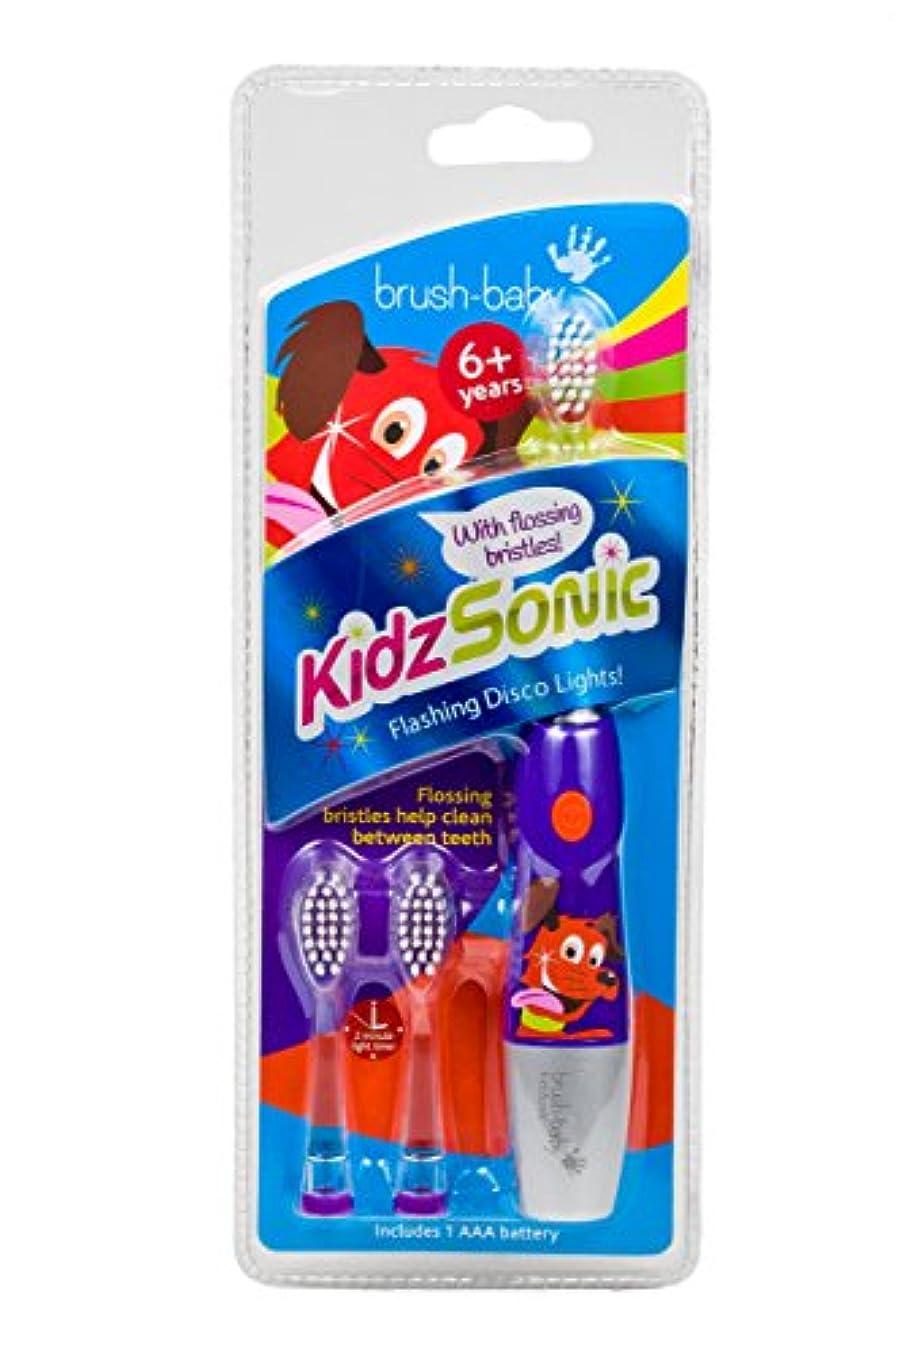 すり減る太字ネックレスBrush-Baby KidzSonic Electric Toothbrush 6+ years with flashing disco lights PURPLE - ブラシ - ベイビーKidzSonic電動歯ブラシ...